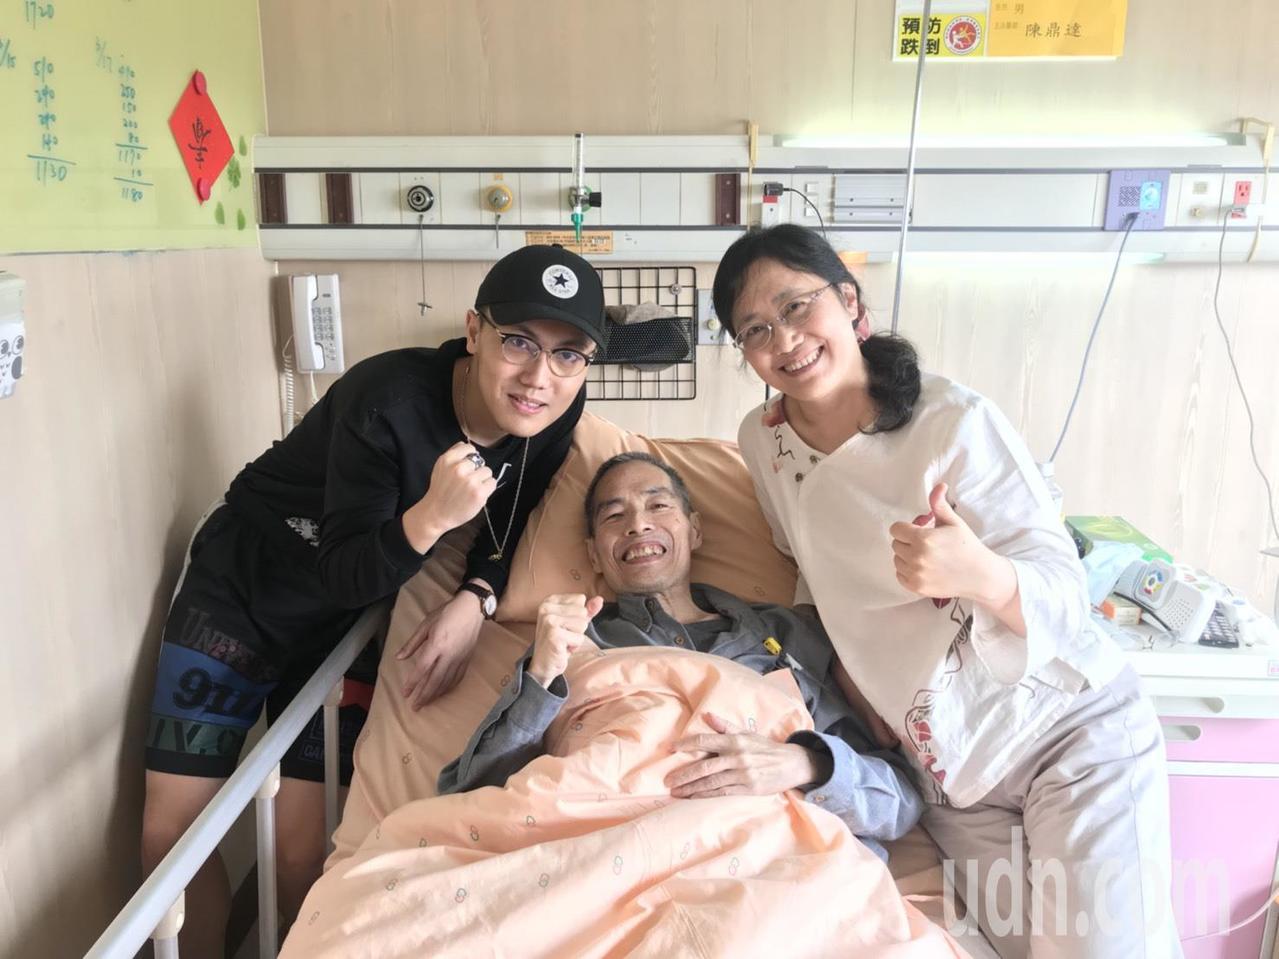 鄒川雄目前住在嘉基的安寧病房,妻子、兒子全心陪伴,親情與信仰是鄒老師內心最大力量...